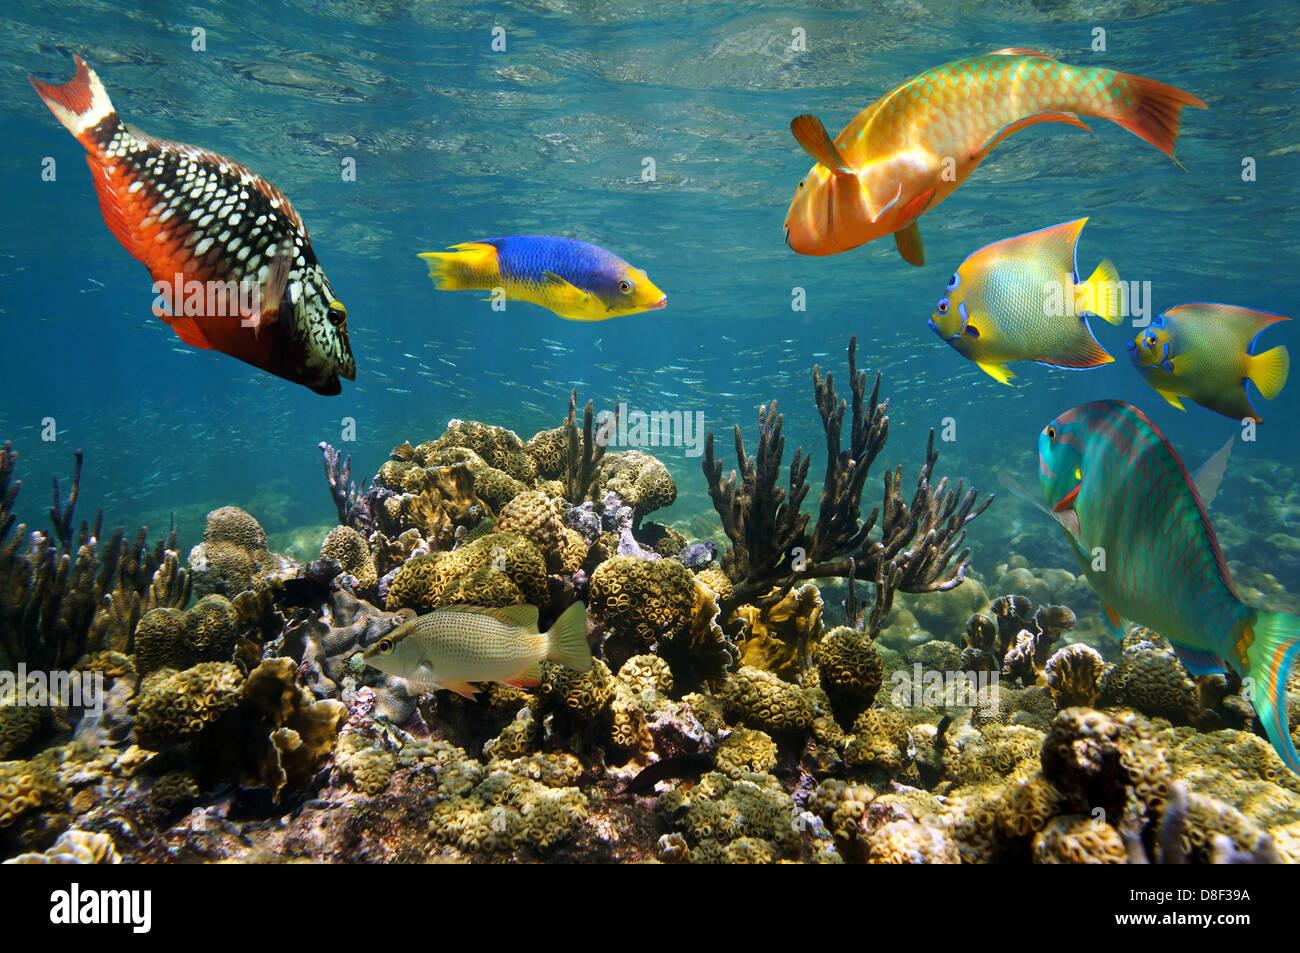 Gesunden Korallenriff mit bunten Fischen knapp unter der Wasseroberfläche, Karibik Stockbild